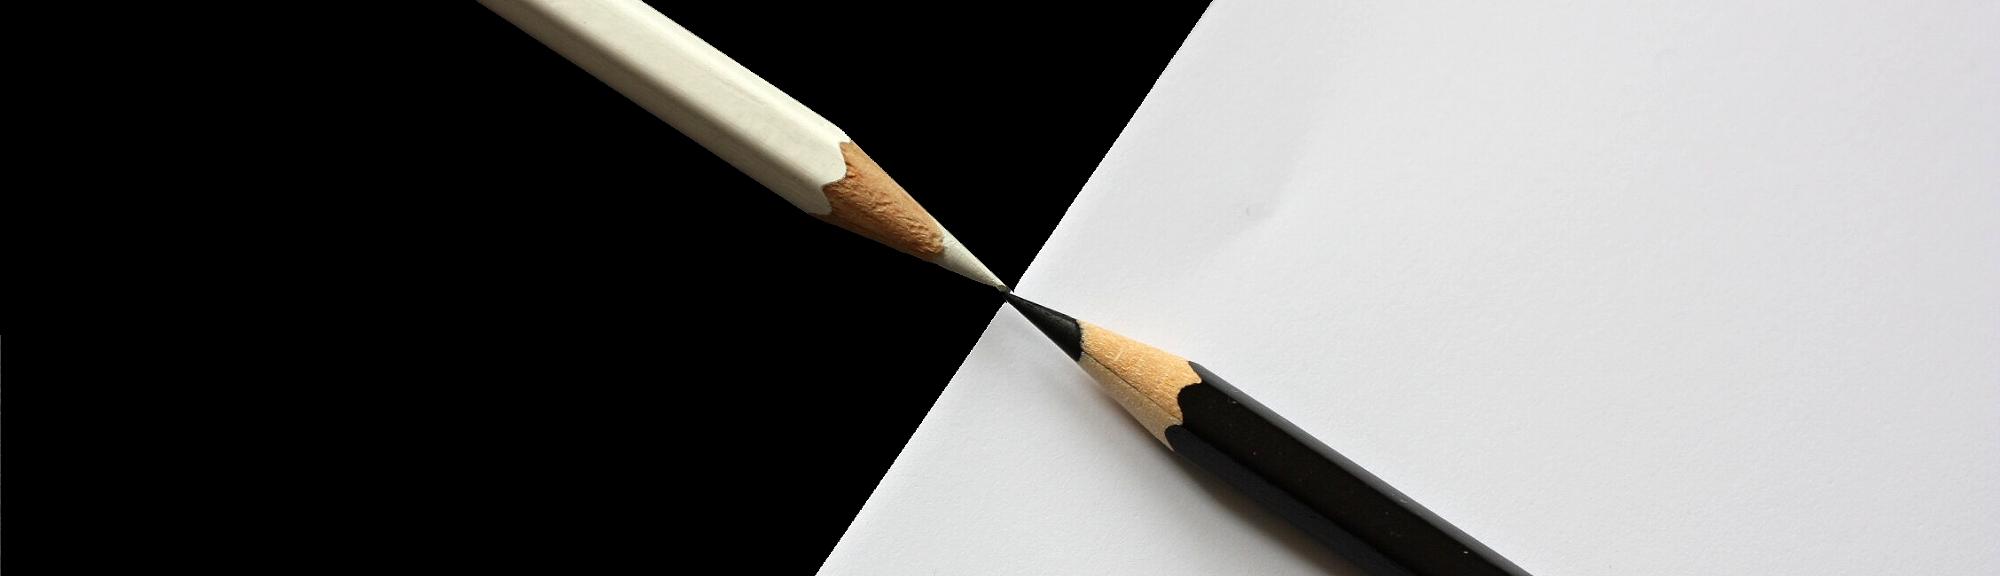 مقایسه روشهای اجایل و سنتی در توسعه یک محصول